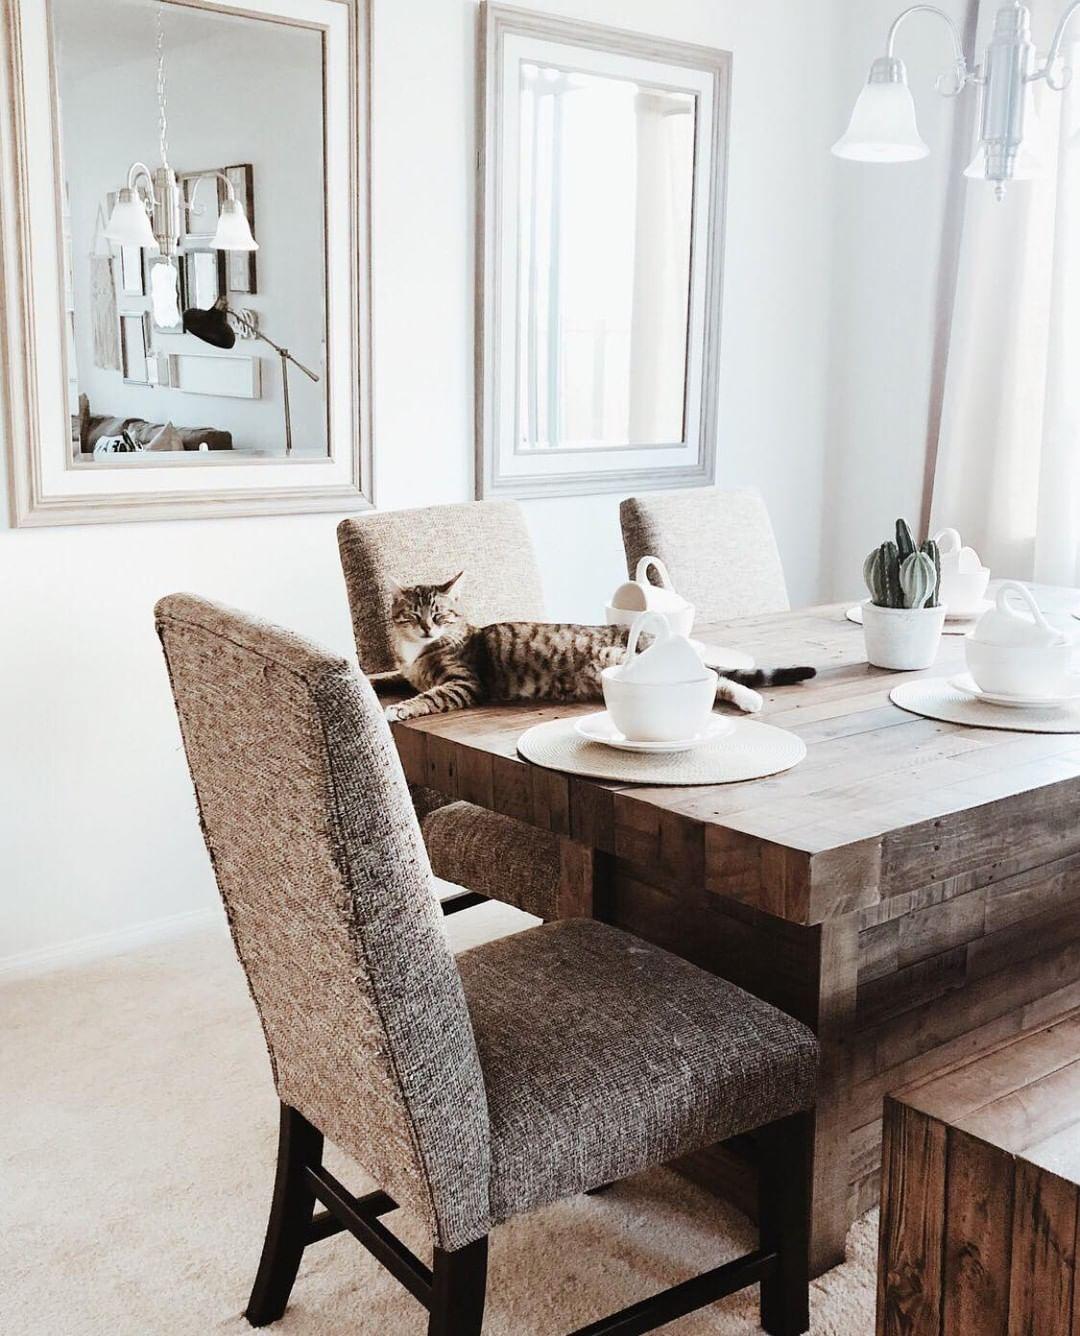 Ashley Furniture Homestore On Instagram We Go Together Like